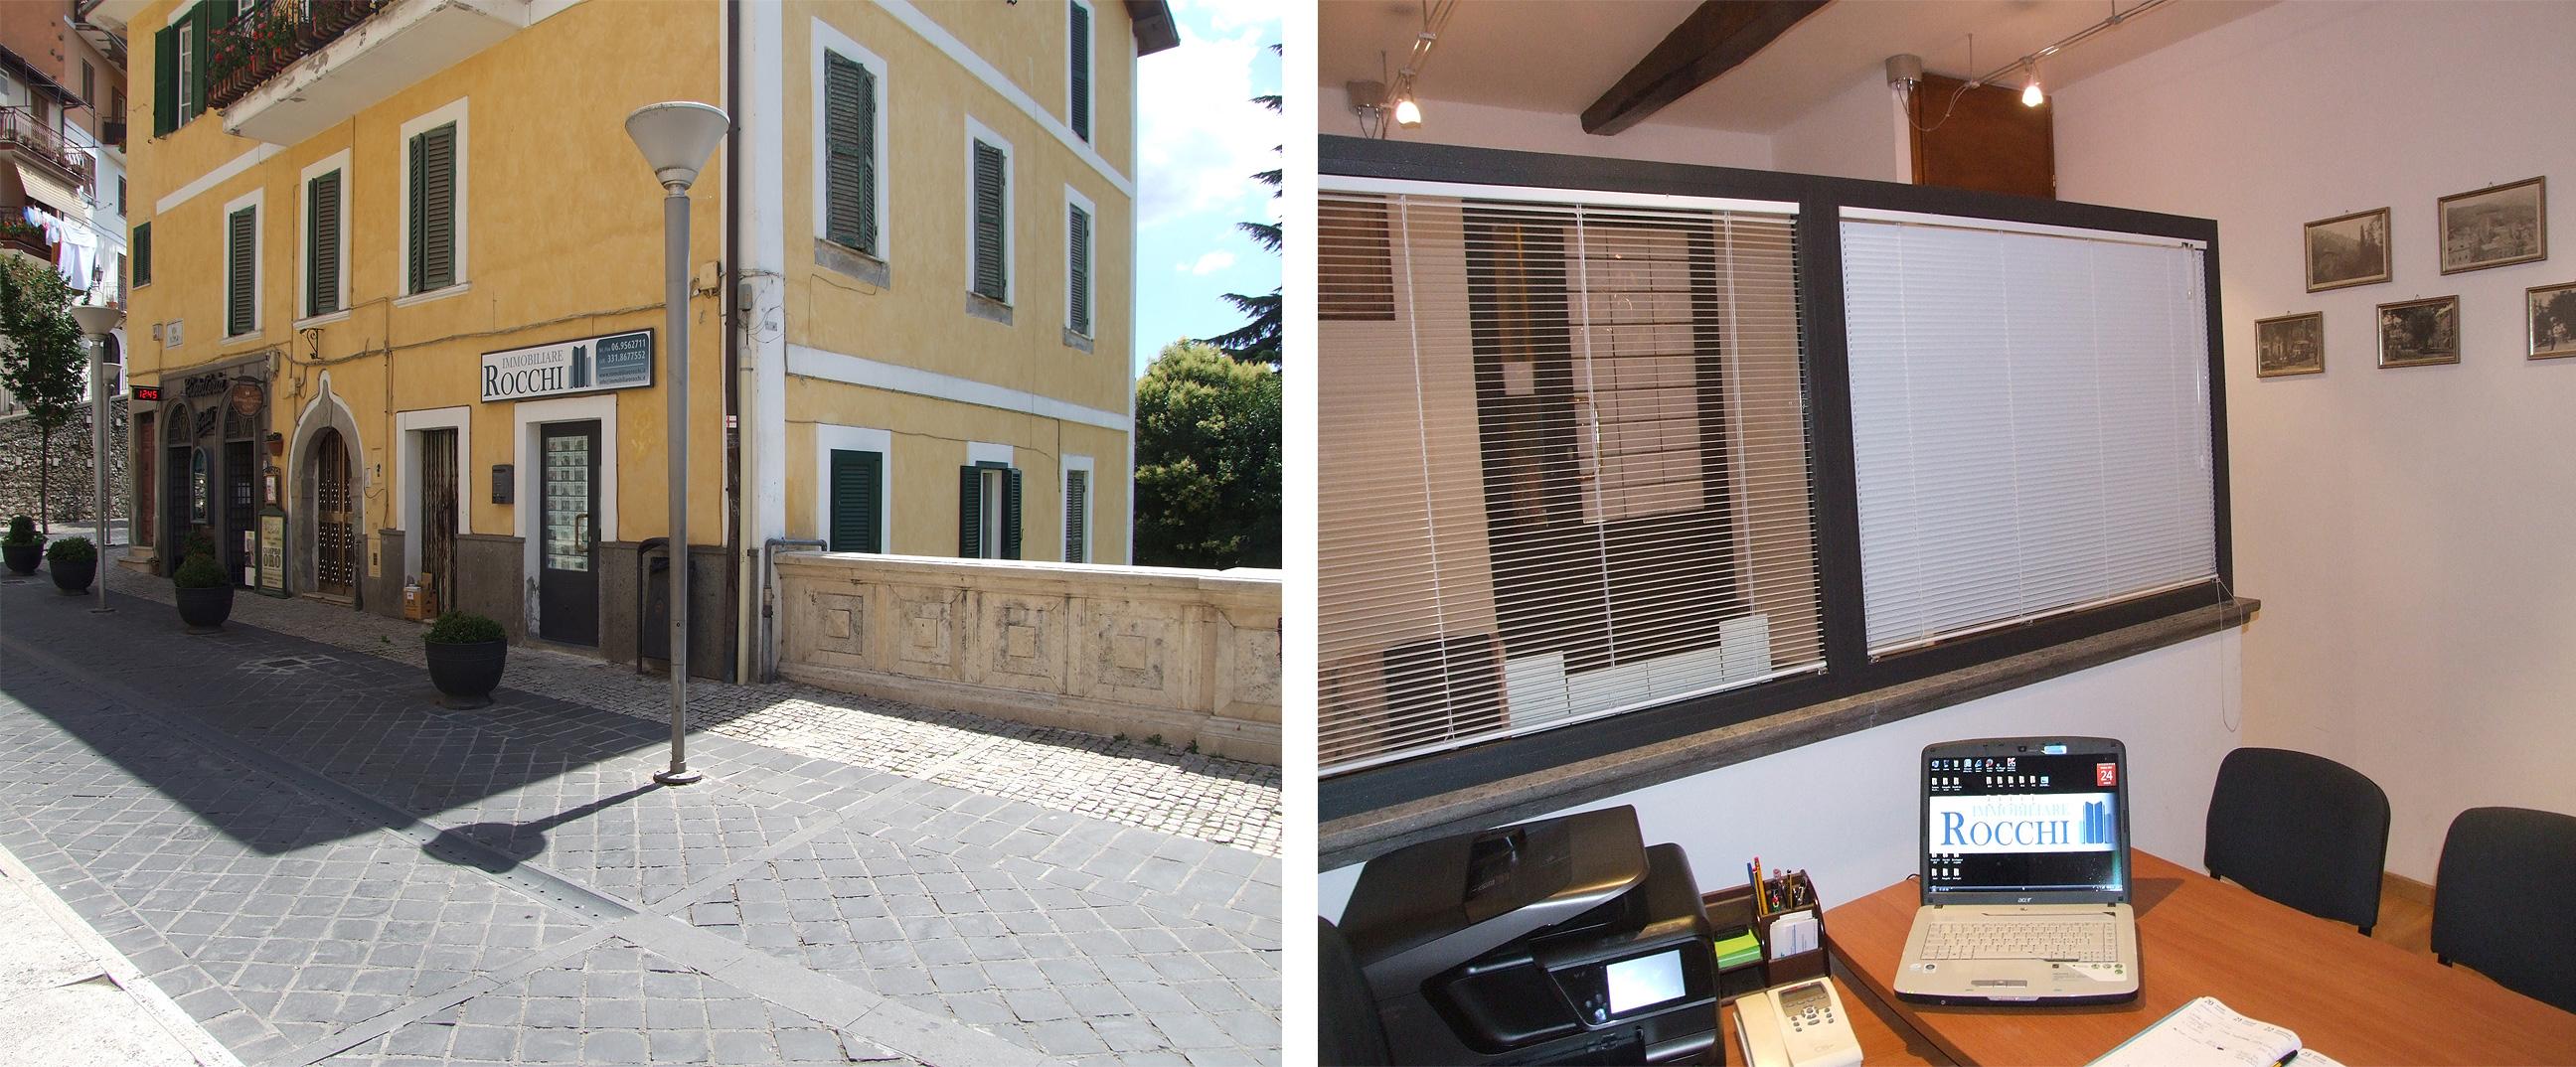 immobiliare-rocchi-agenzia-immobiliare-olevano-romano